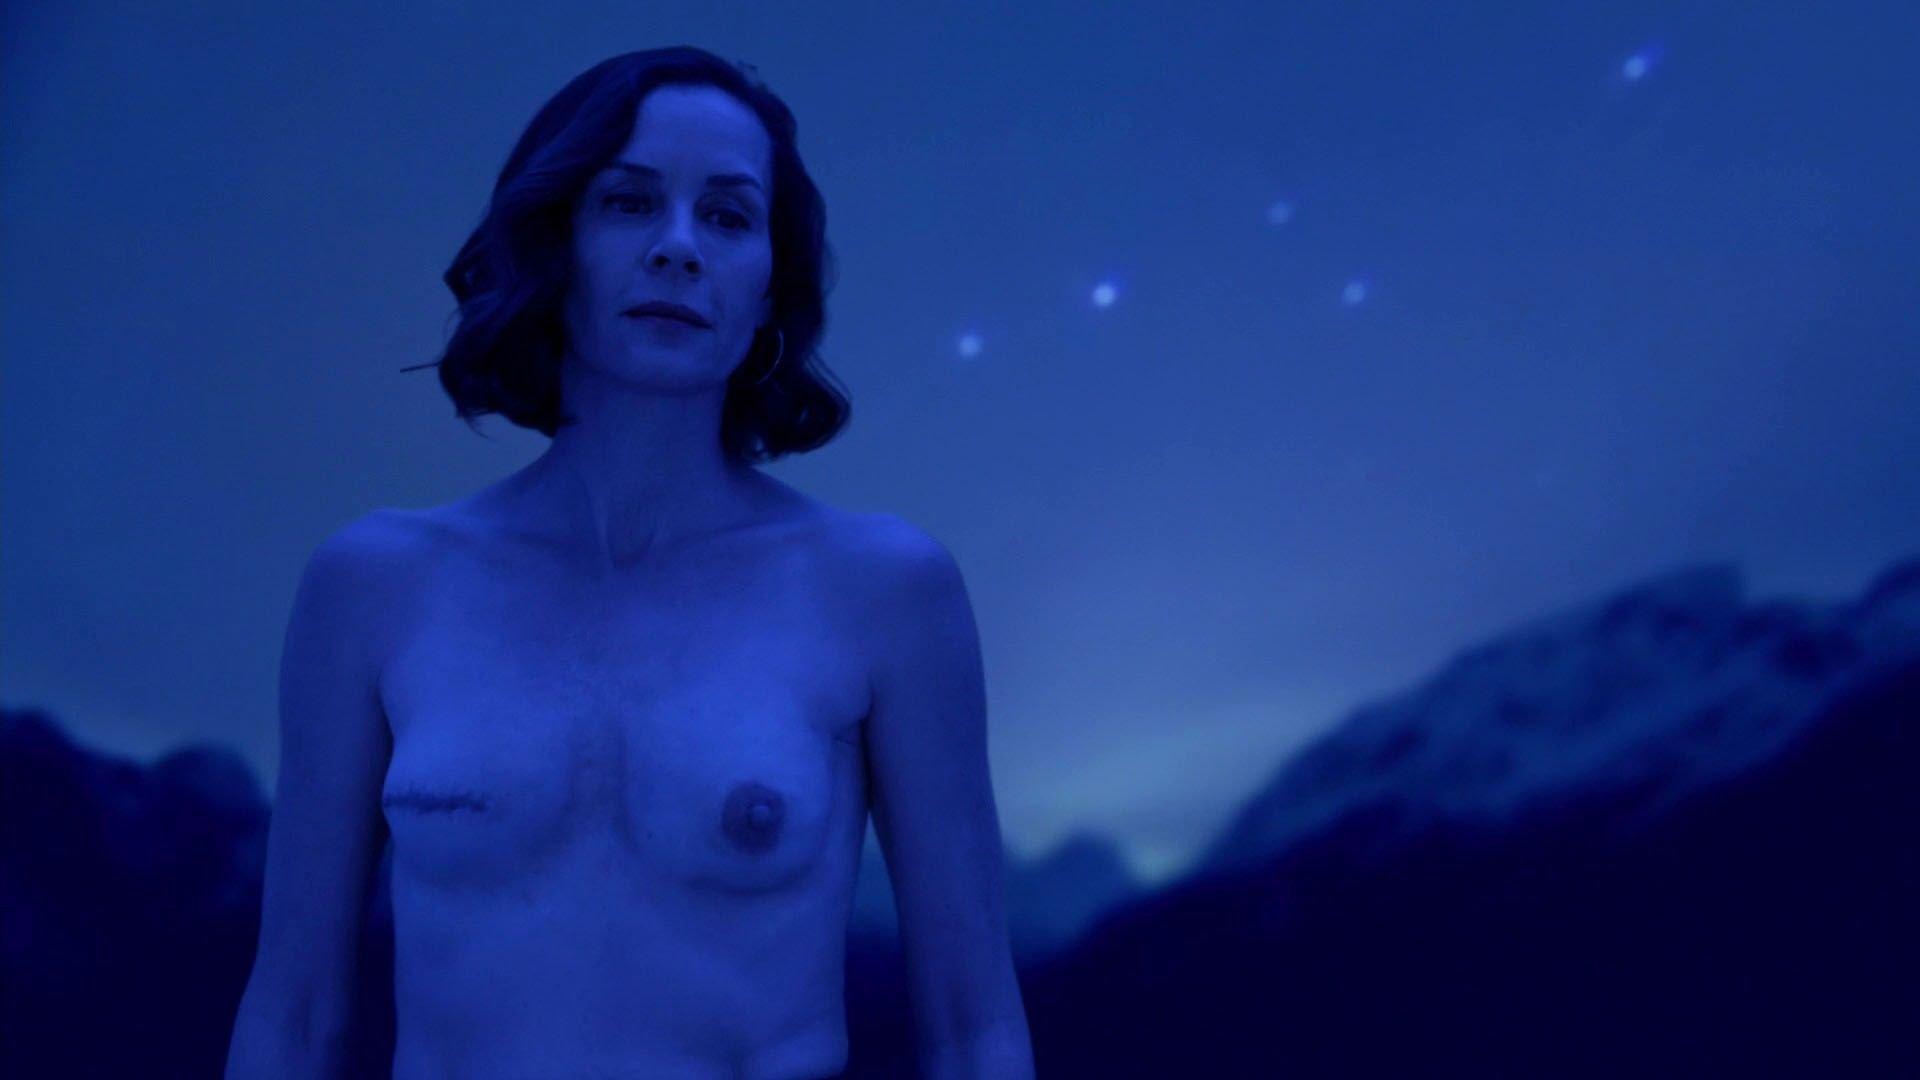 embeth davidtz nude